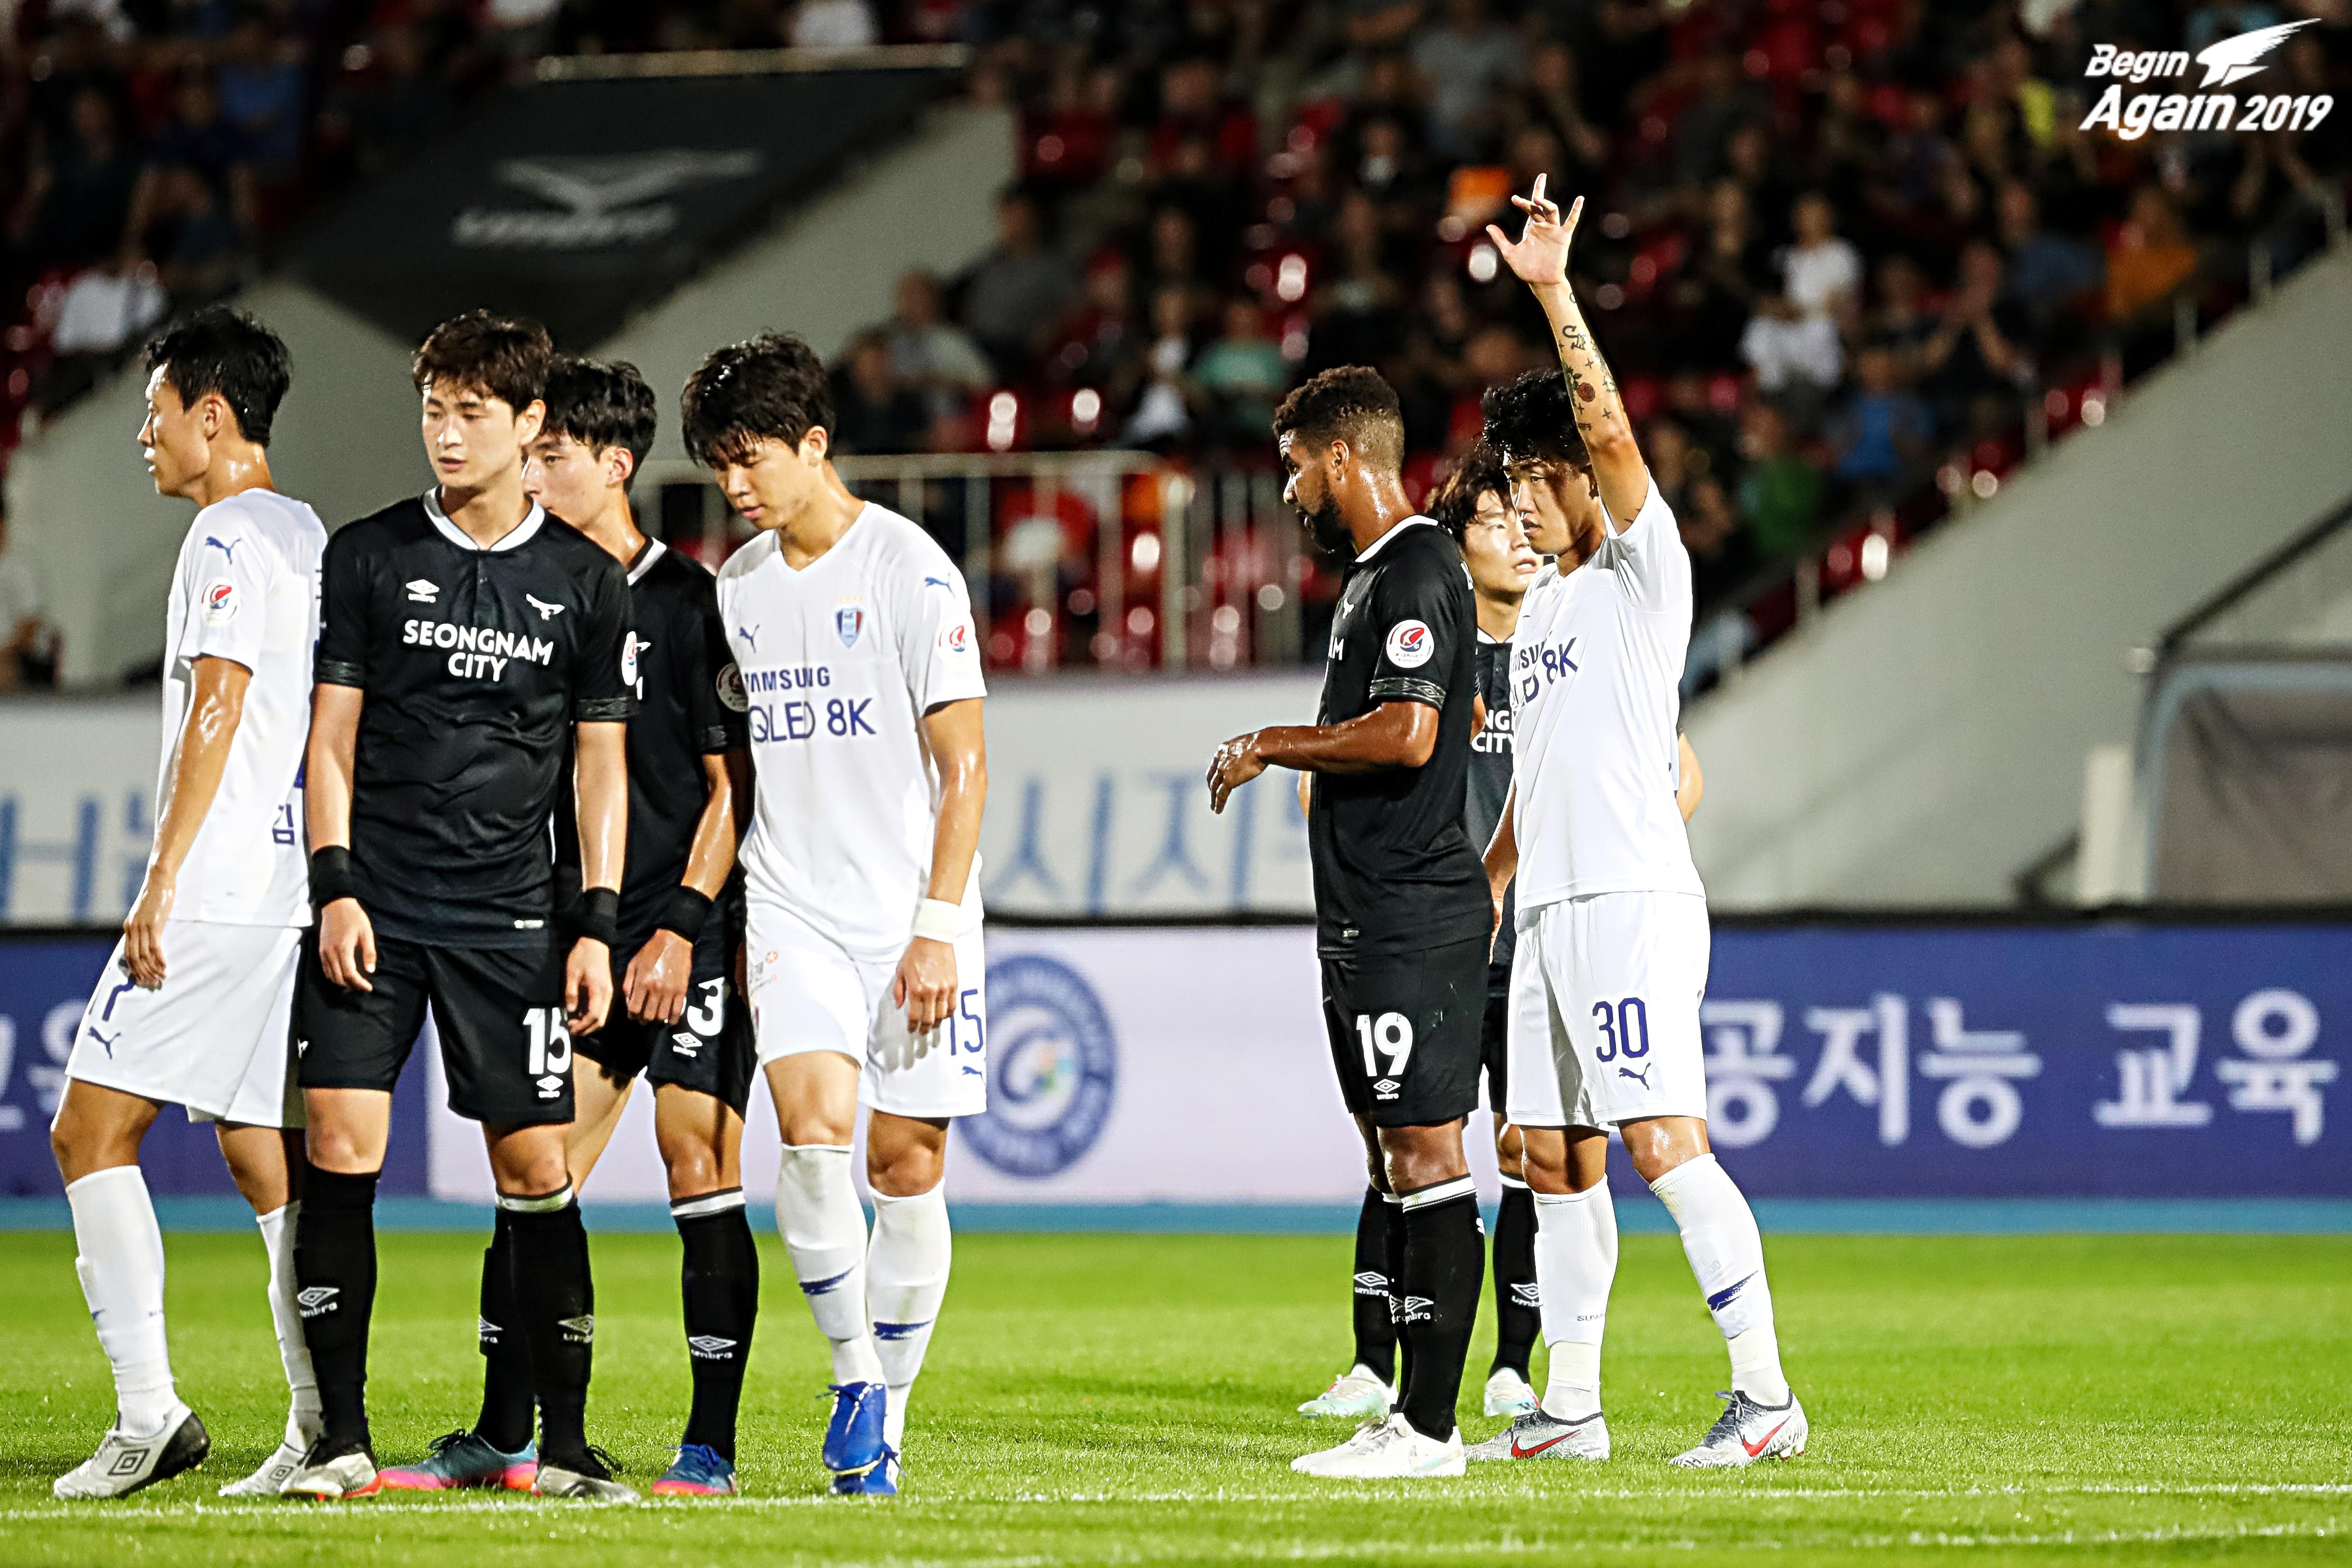 2019-0915-성남전-61.jpg